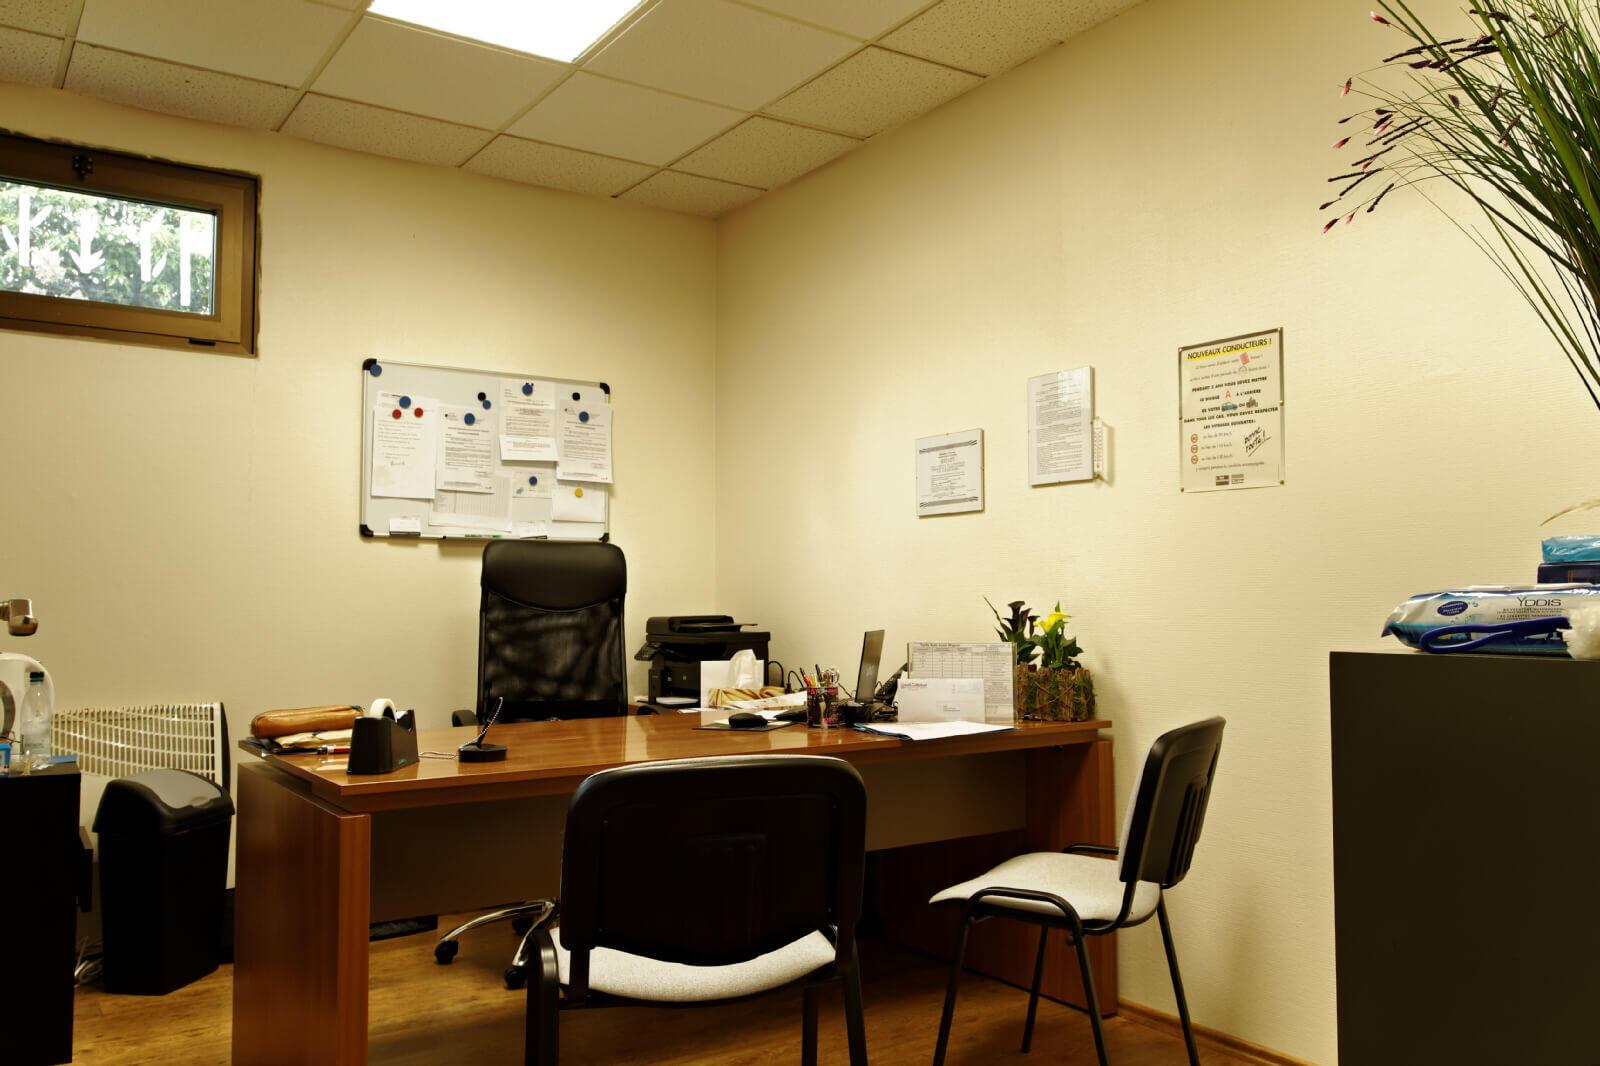 horaires de bureau et code auto cole wagner bouzonville. Black Bedroom Furniture Sets. Home Design Ideas